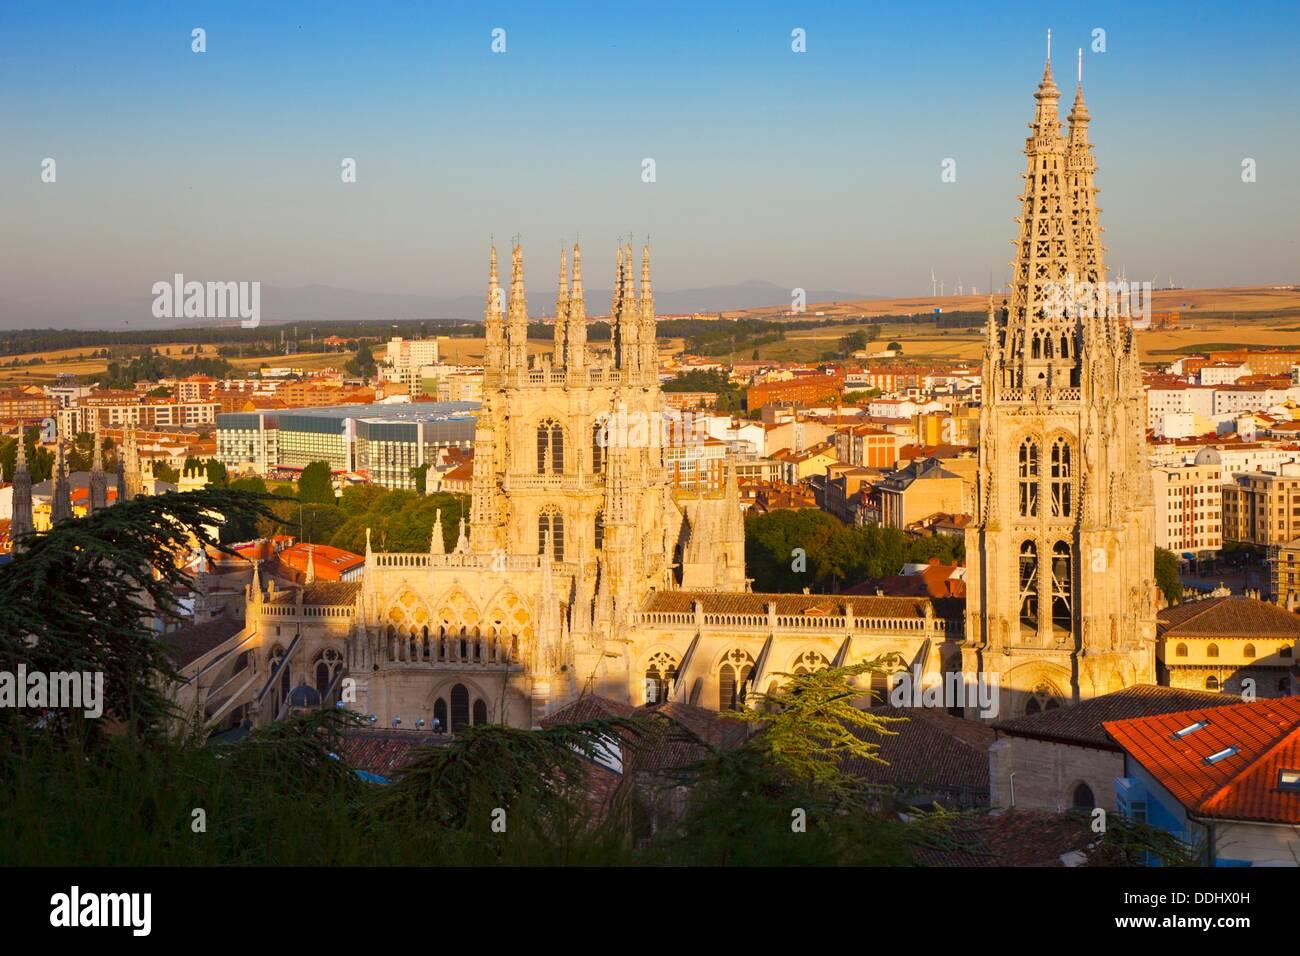 Panoramablick auf die Kathedrale. Burgos. Kastilien-León. Spanien. Stockbild